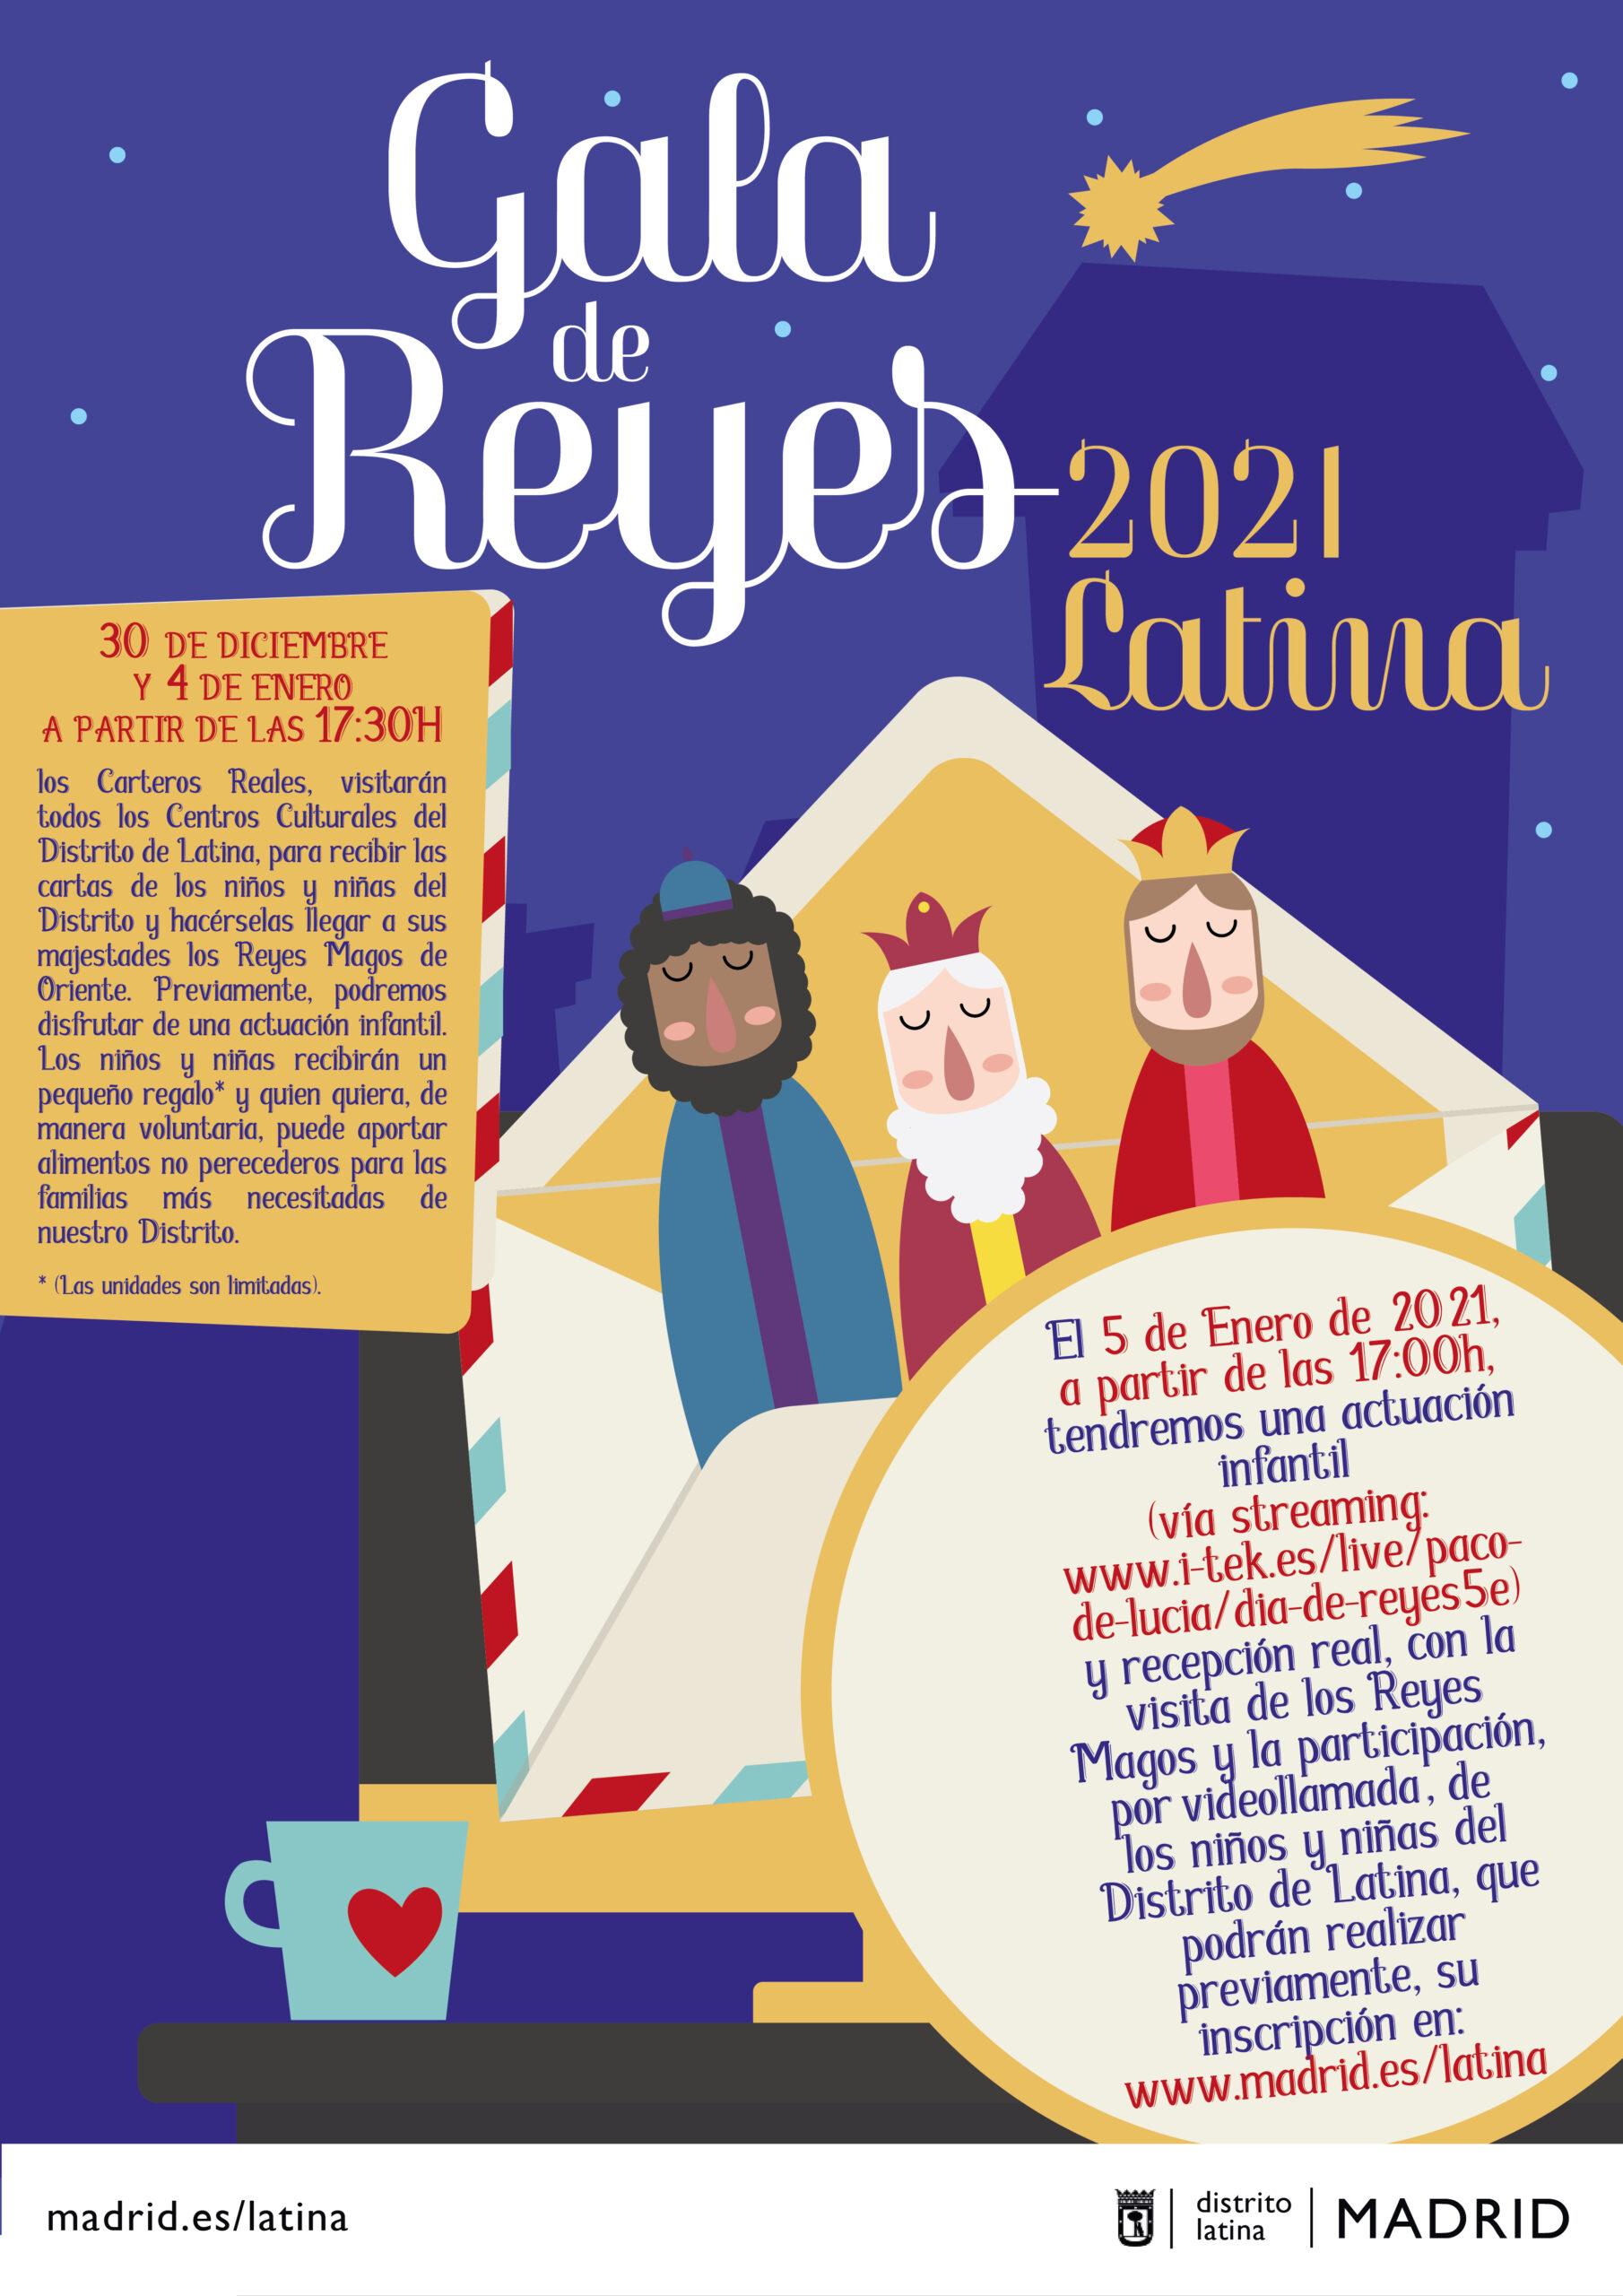 Cartel Reyes Magos 2021 en Latina